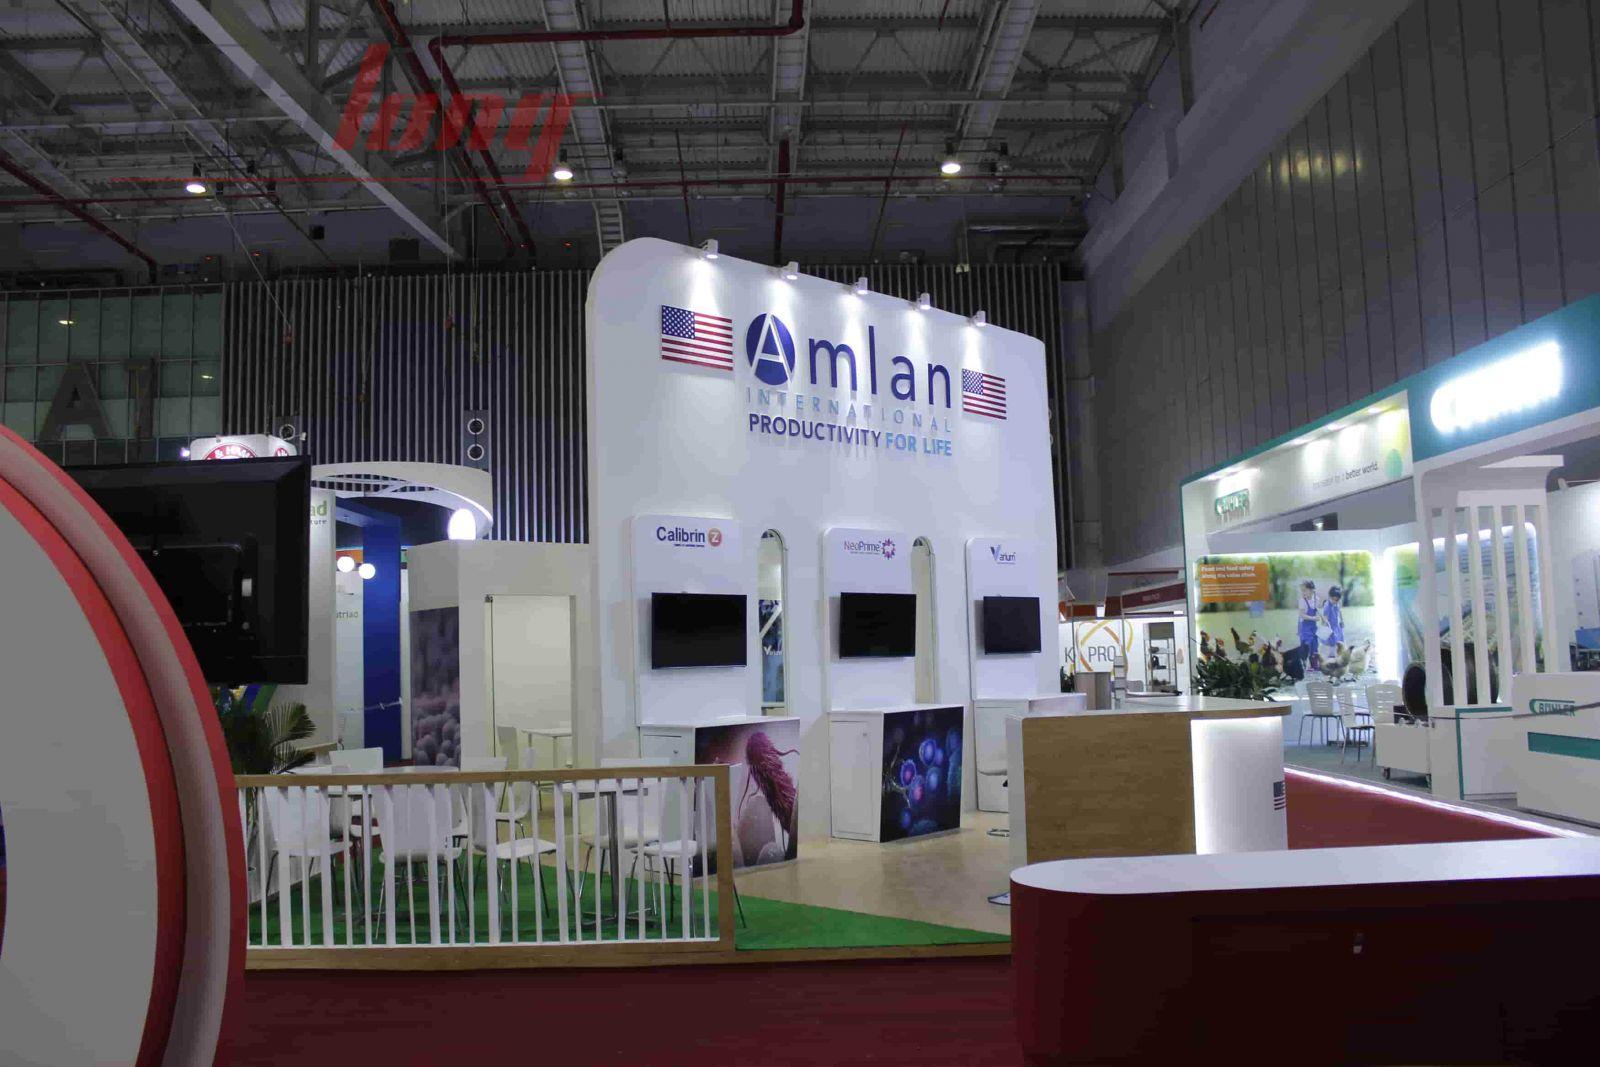 Thi công gian hàng ILDEX VIETNAM 2018 - Amlan của Hoa Kỳ